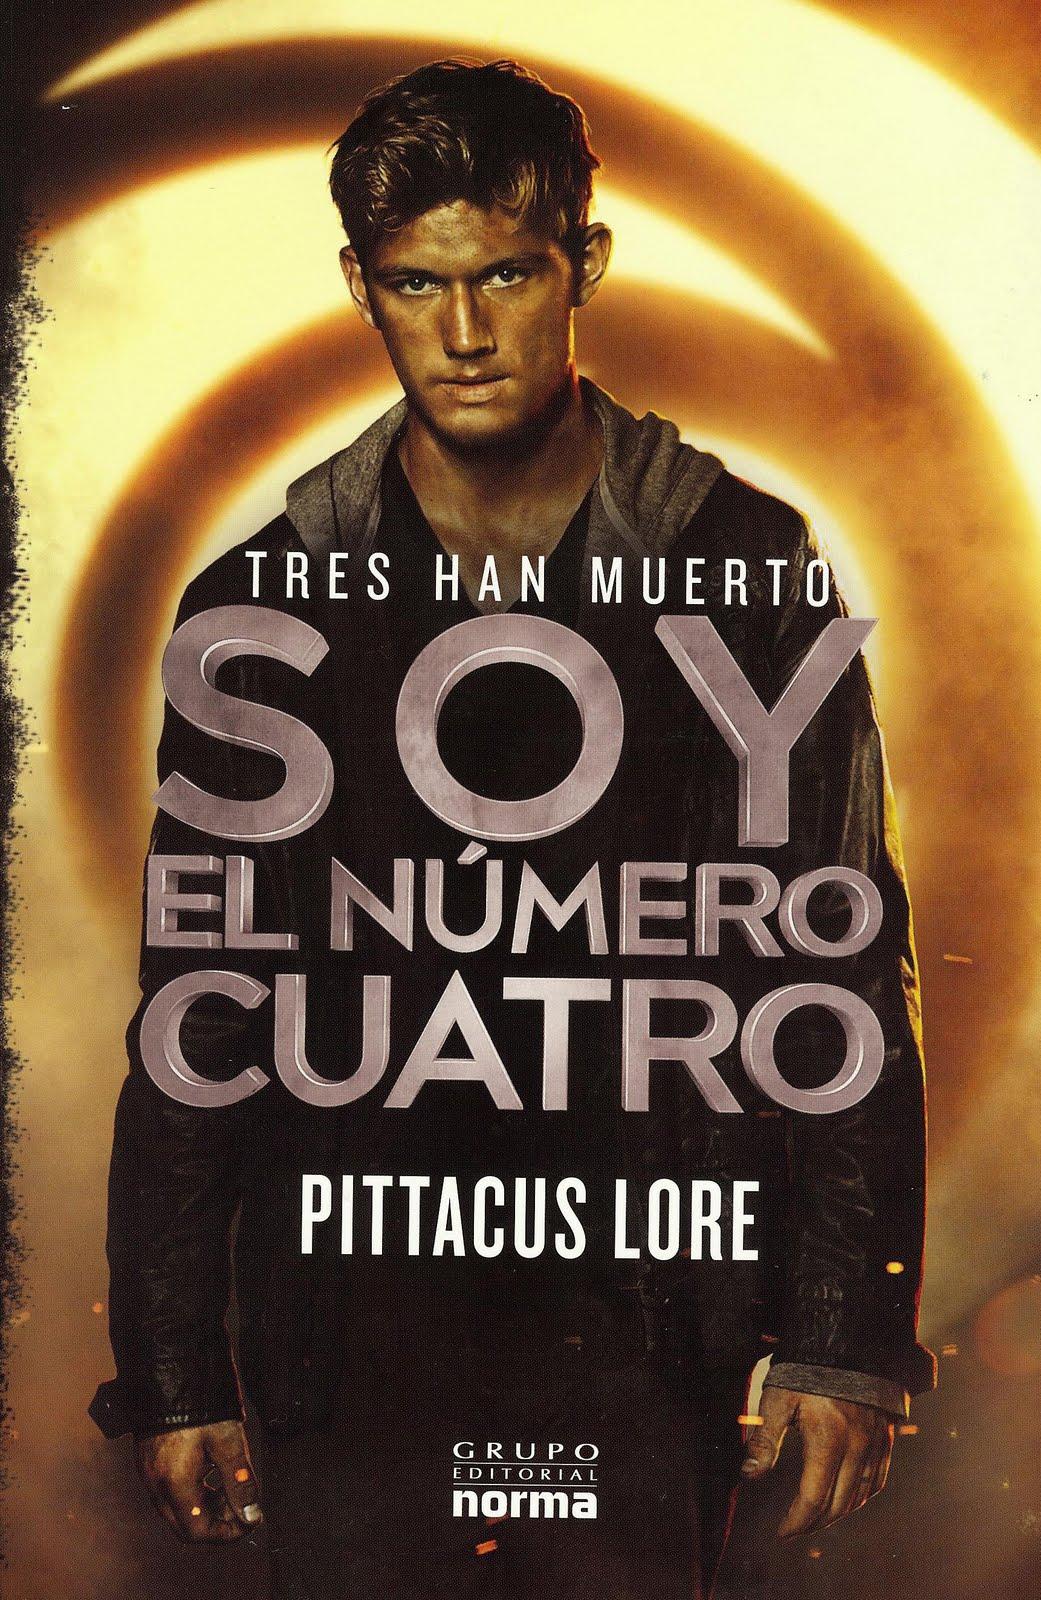 Soy el Número Cuatro – Pittacus Lore